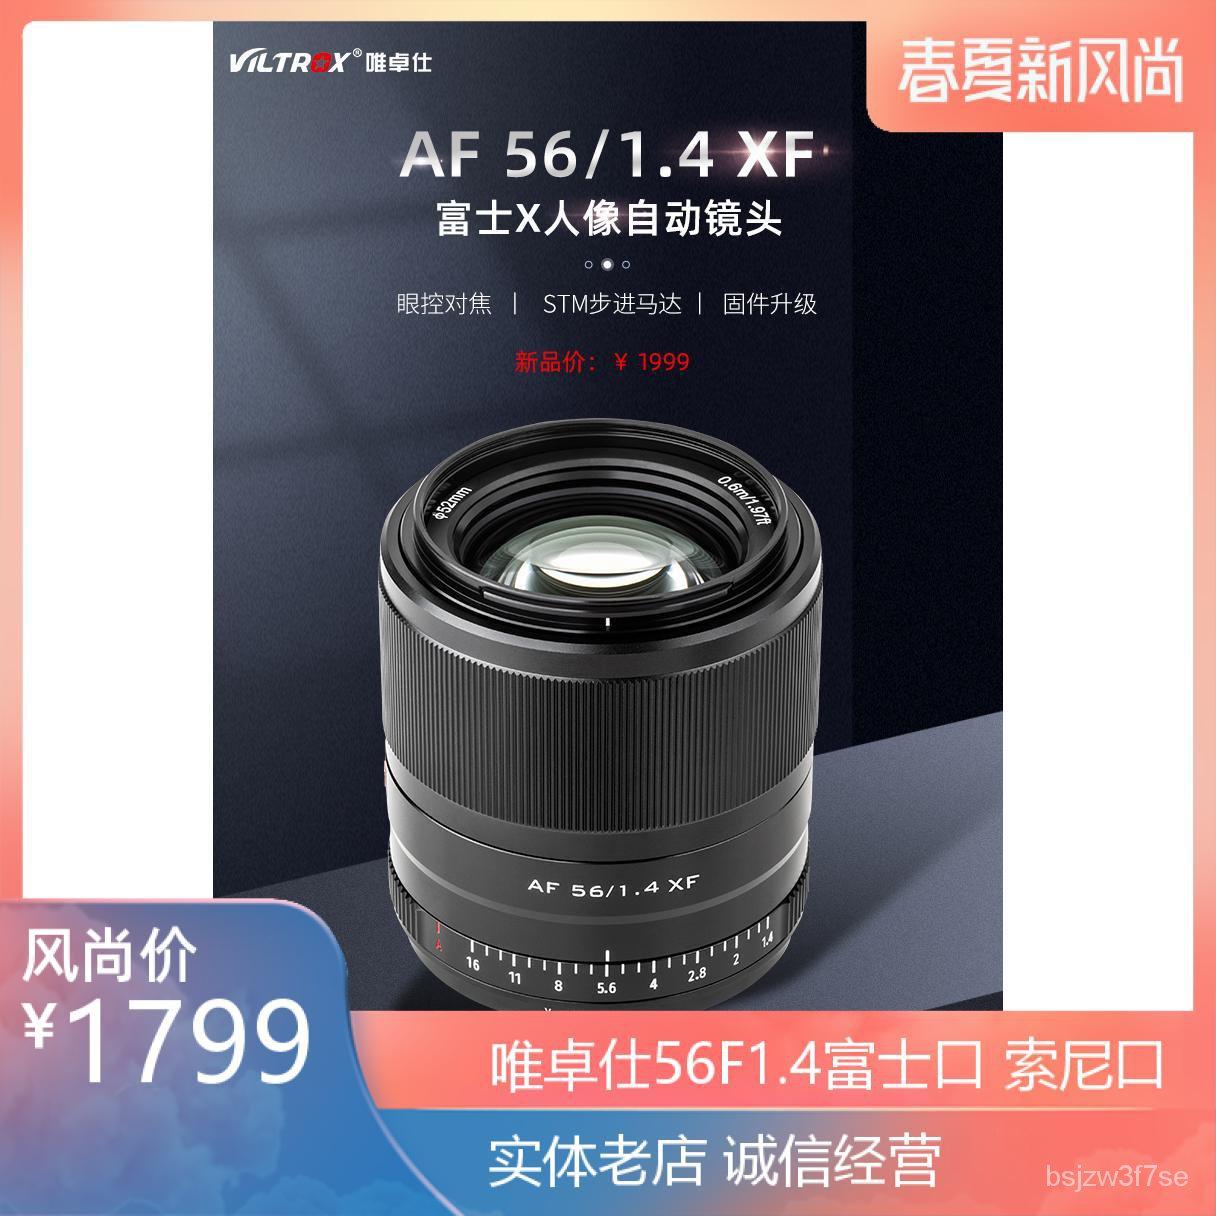 เฉพาะไบโอบิโอ56MM F1.4 STMฟูจิพอร์ตโซนี่ Canon ไมโครเดียวคงโฟกัสเลนส์อัตโนมัติโฟกัส